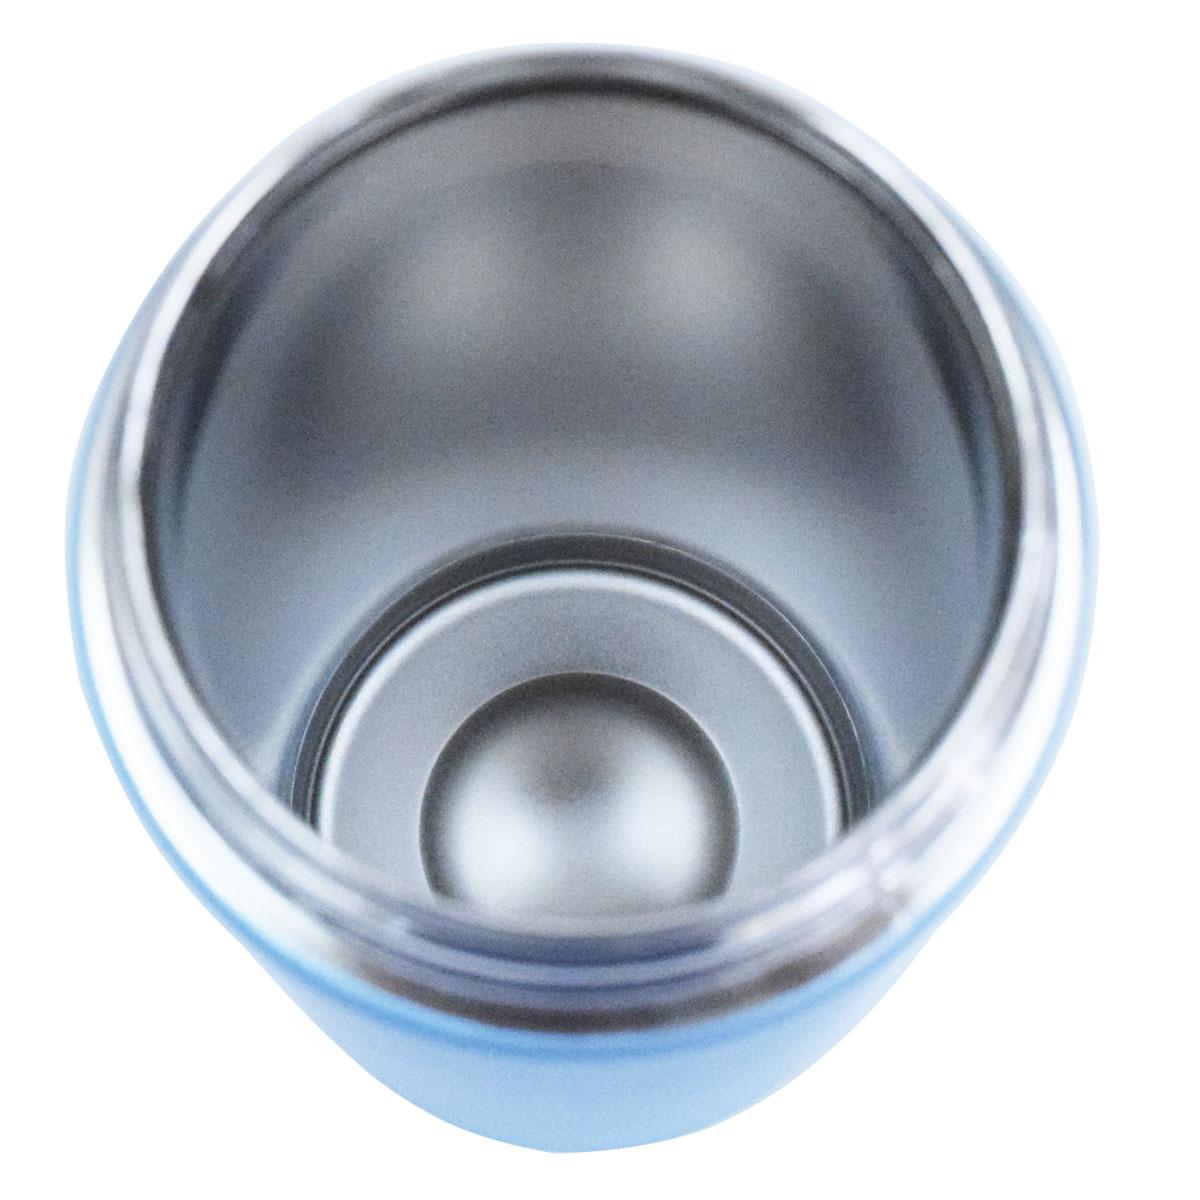 氷ストッパー付 真空二重構造スリムマグボトル 300ml